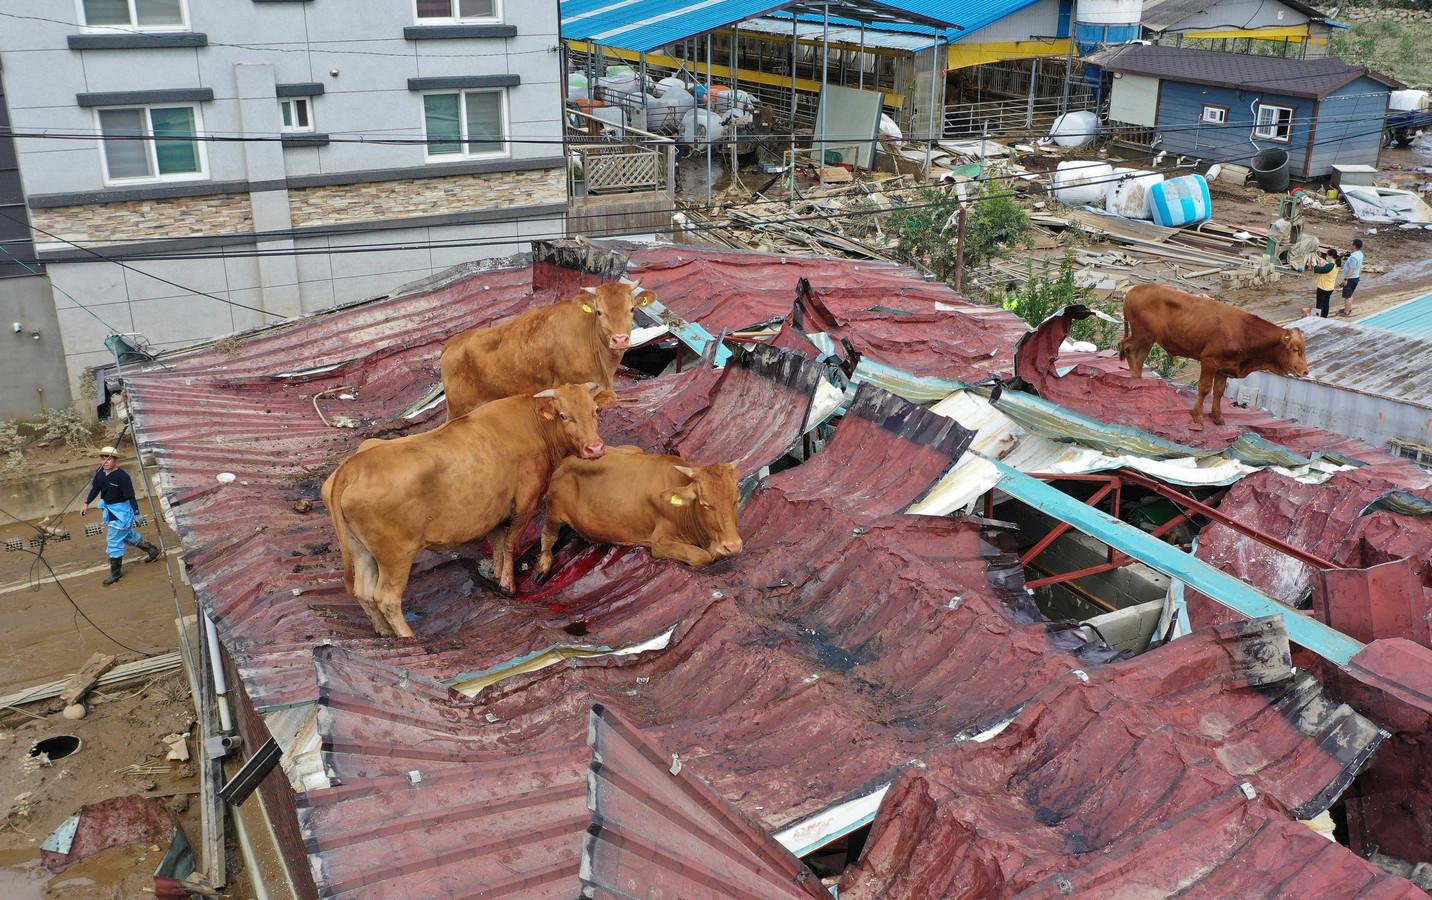 De koeien staan op het dak nadat het water is weggetrokken.